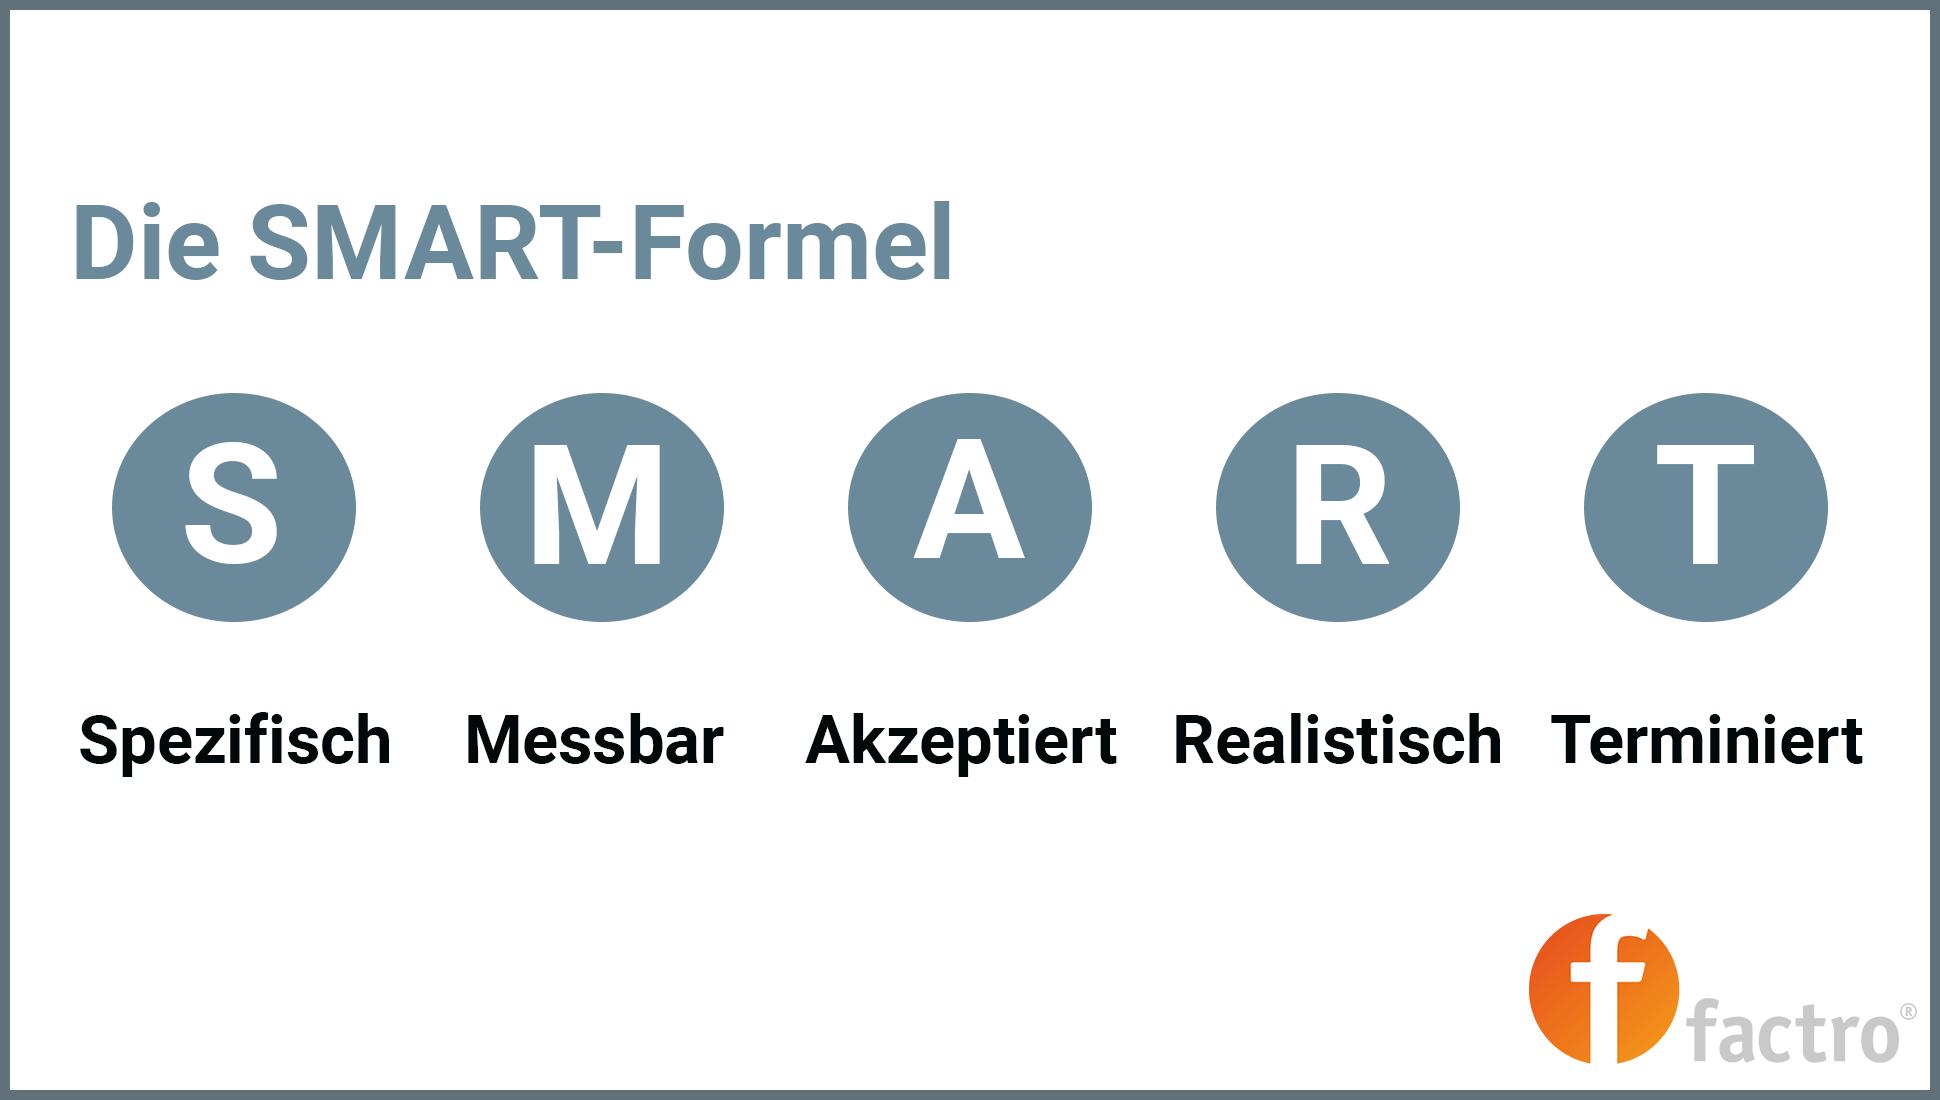 Eine Grafik über die SMART-Formel